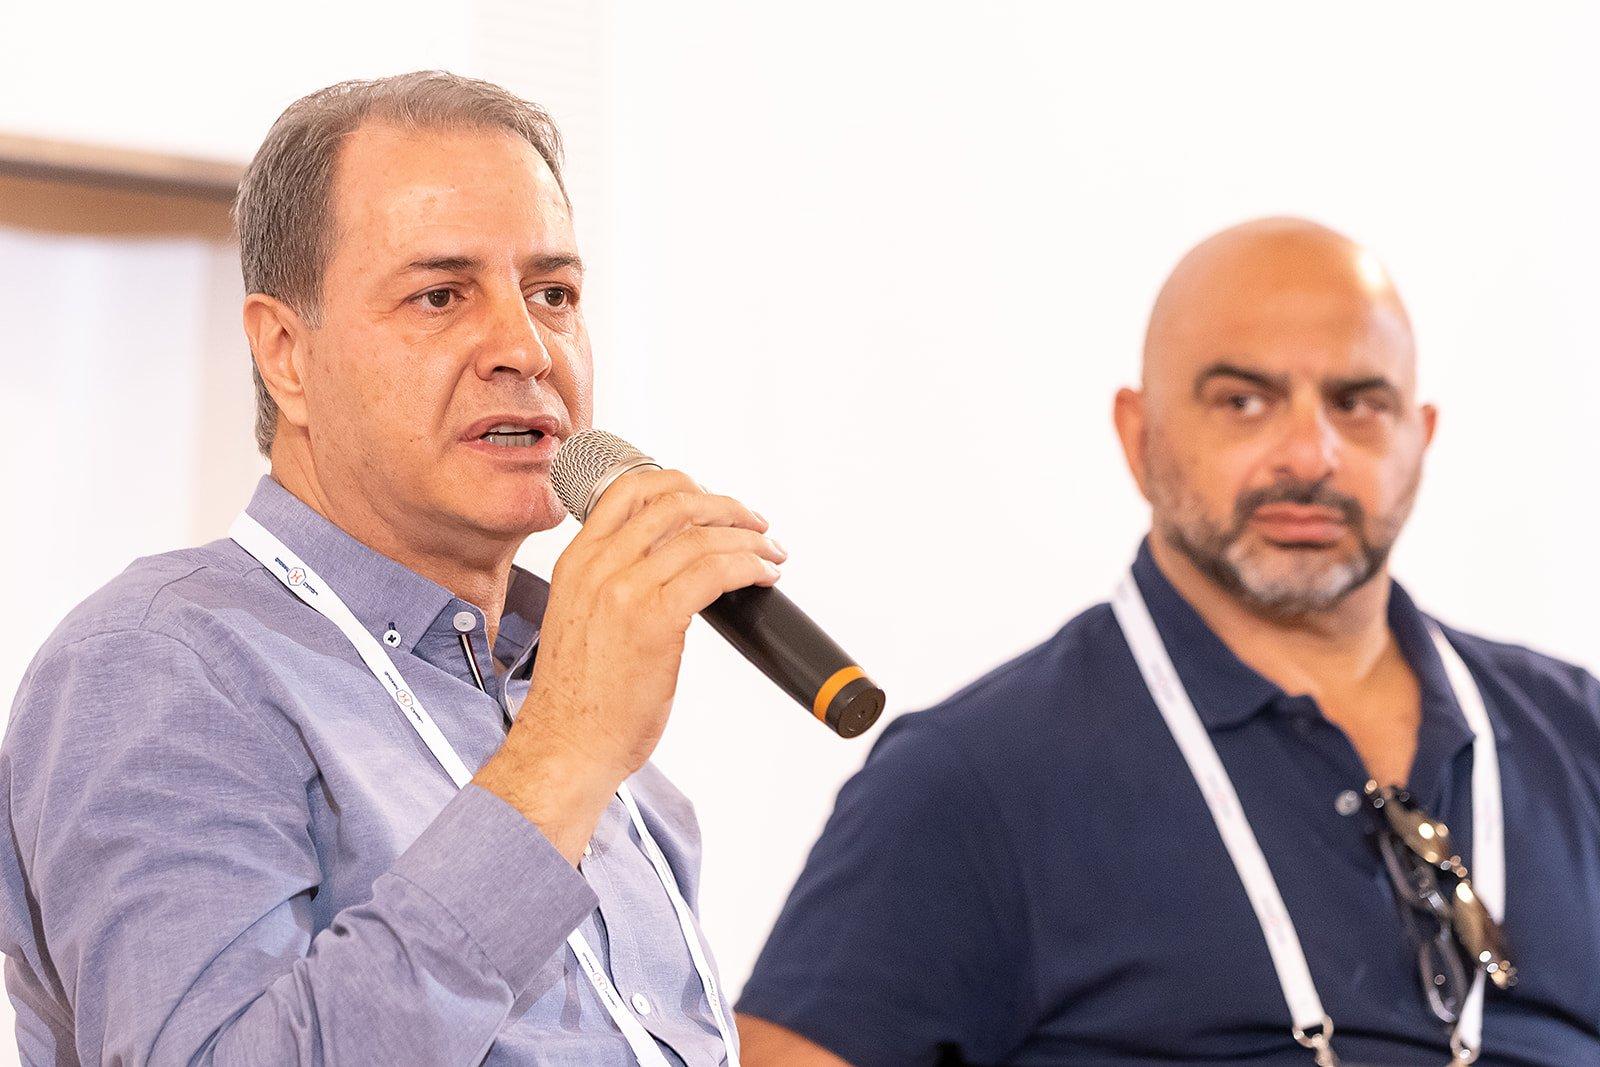 """صندوق الاستثمار """"تكوين"""" يقود عمليه بناء صناعه الهايتك والاستثمار في المجتمع العربي-3"""